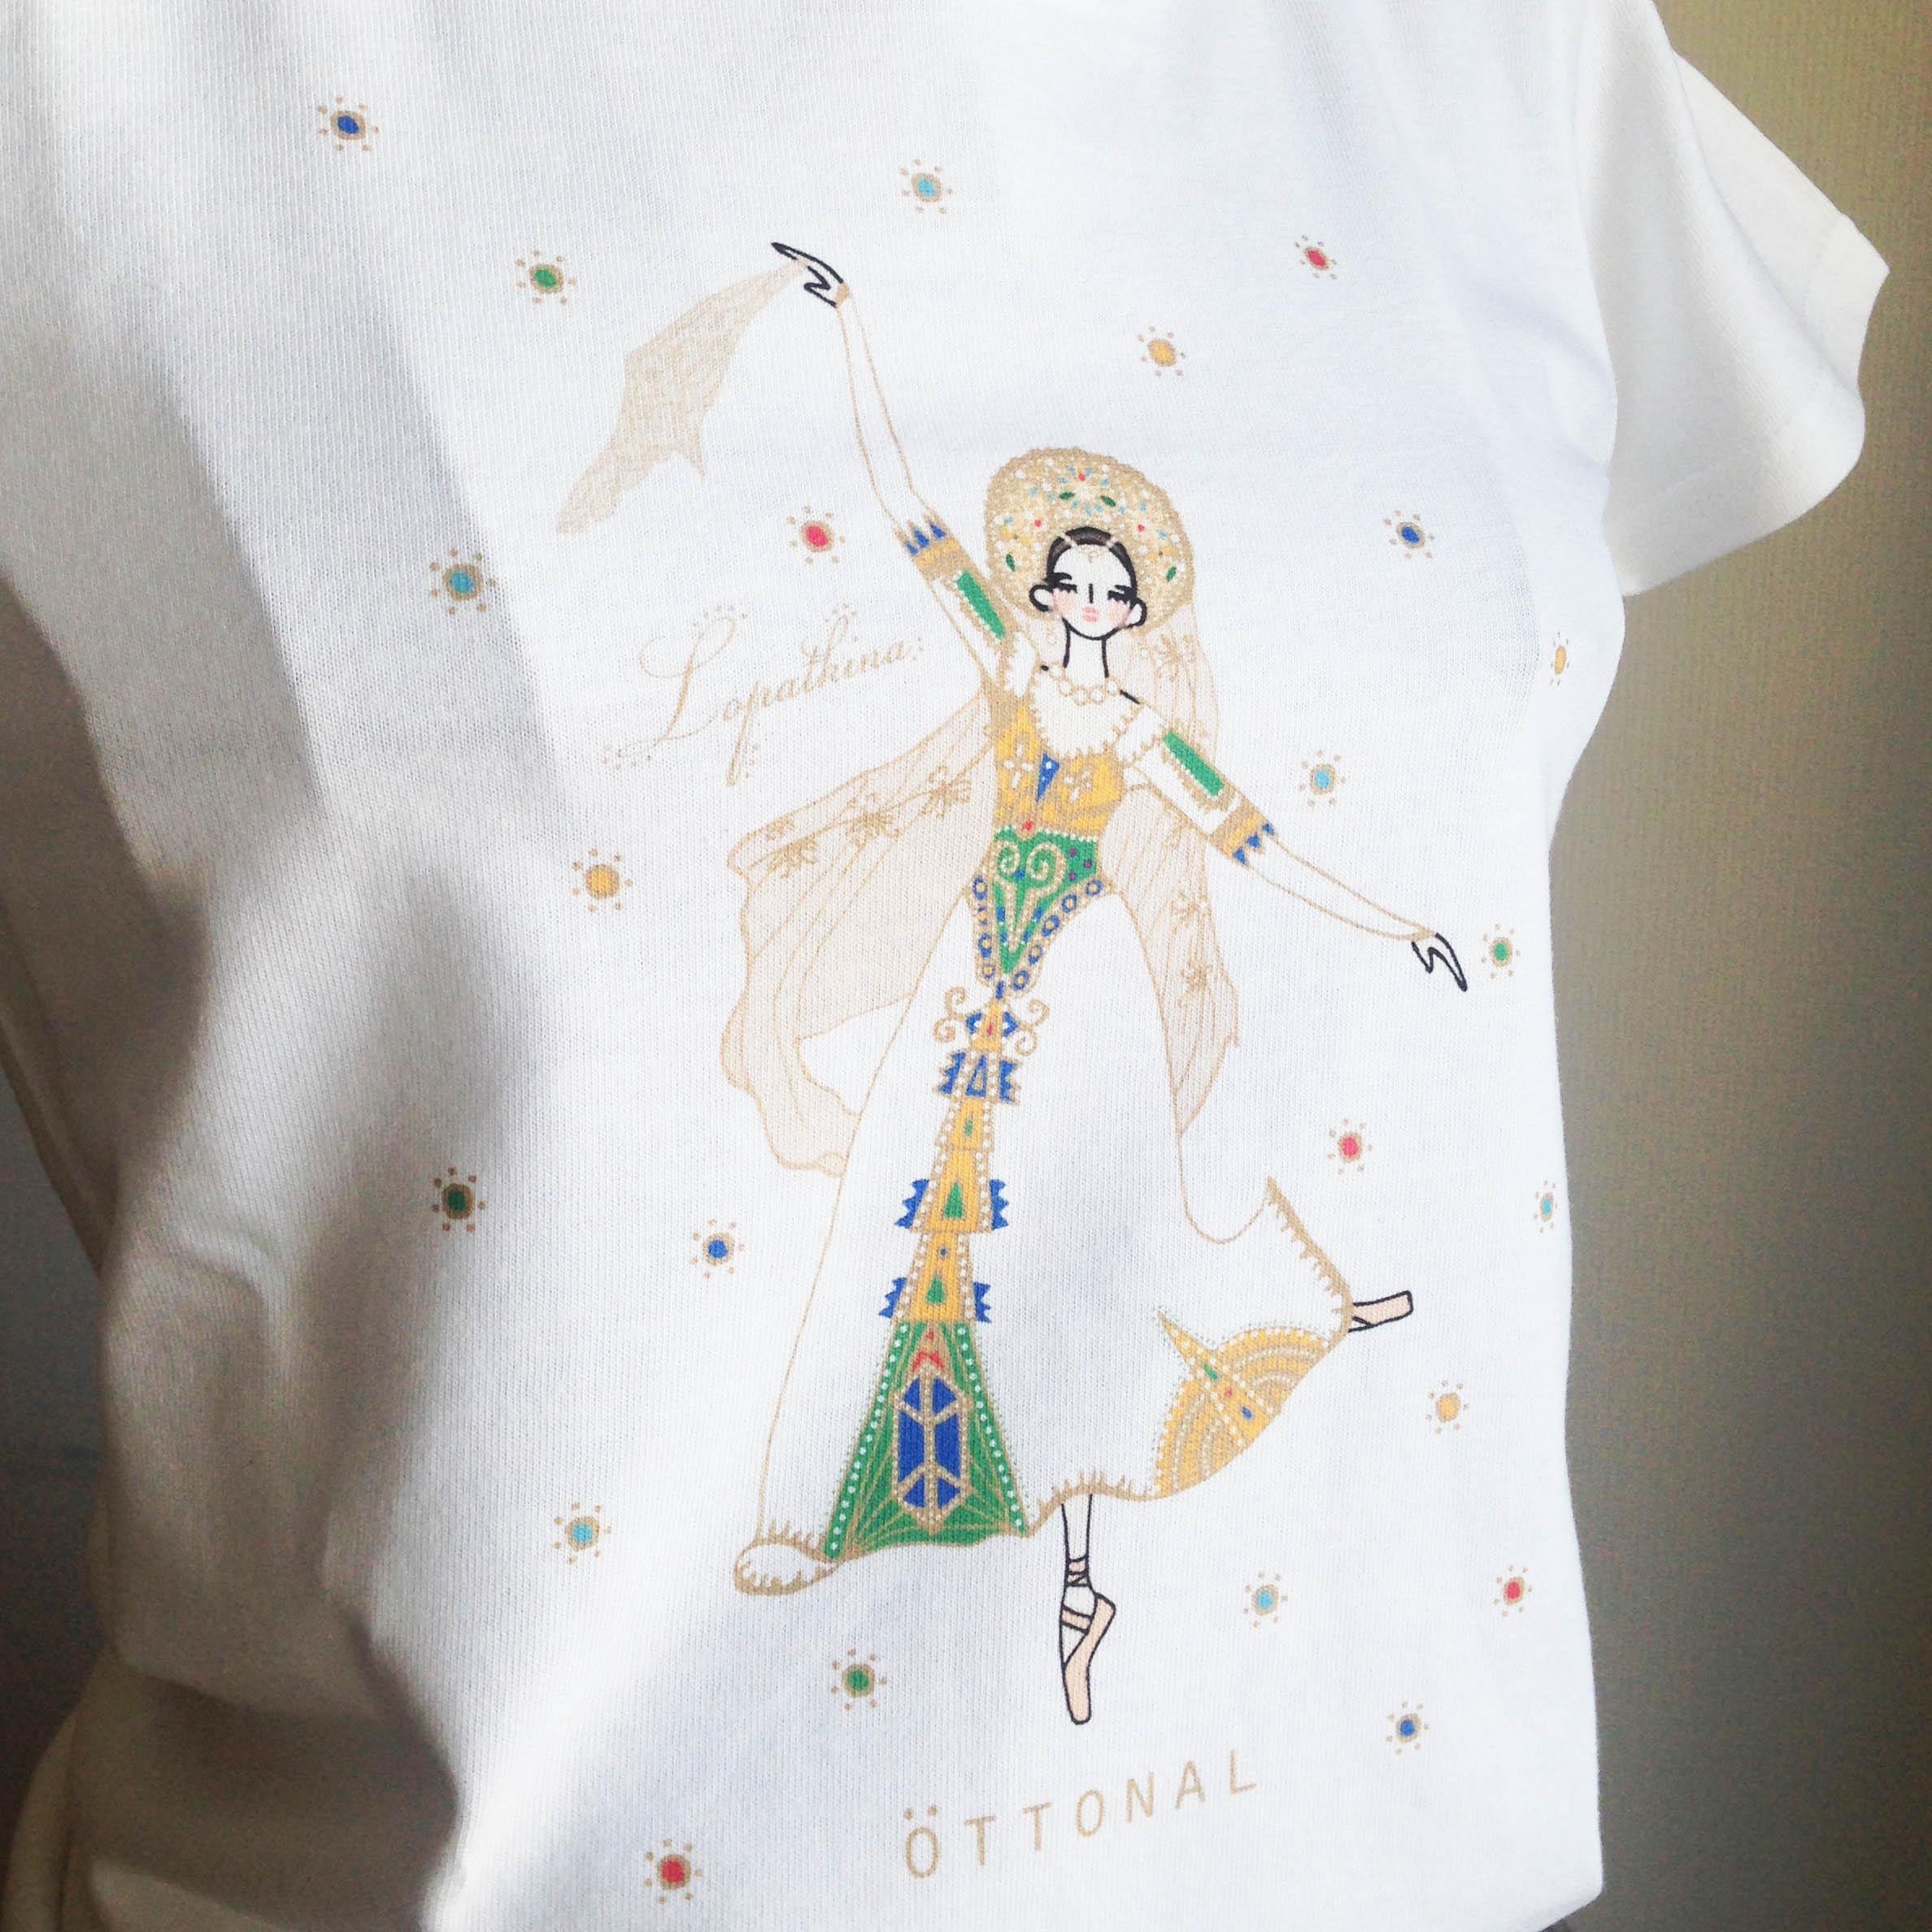 (即日発送・在庫残りわずか)★ロパートキナコラボ★ ロシアの踊りTシャツ(レディース) - 画像1